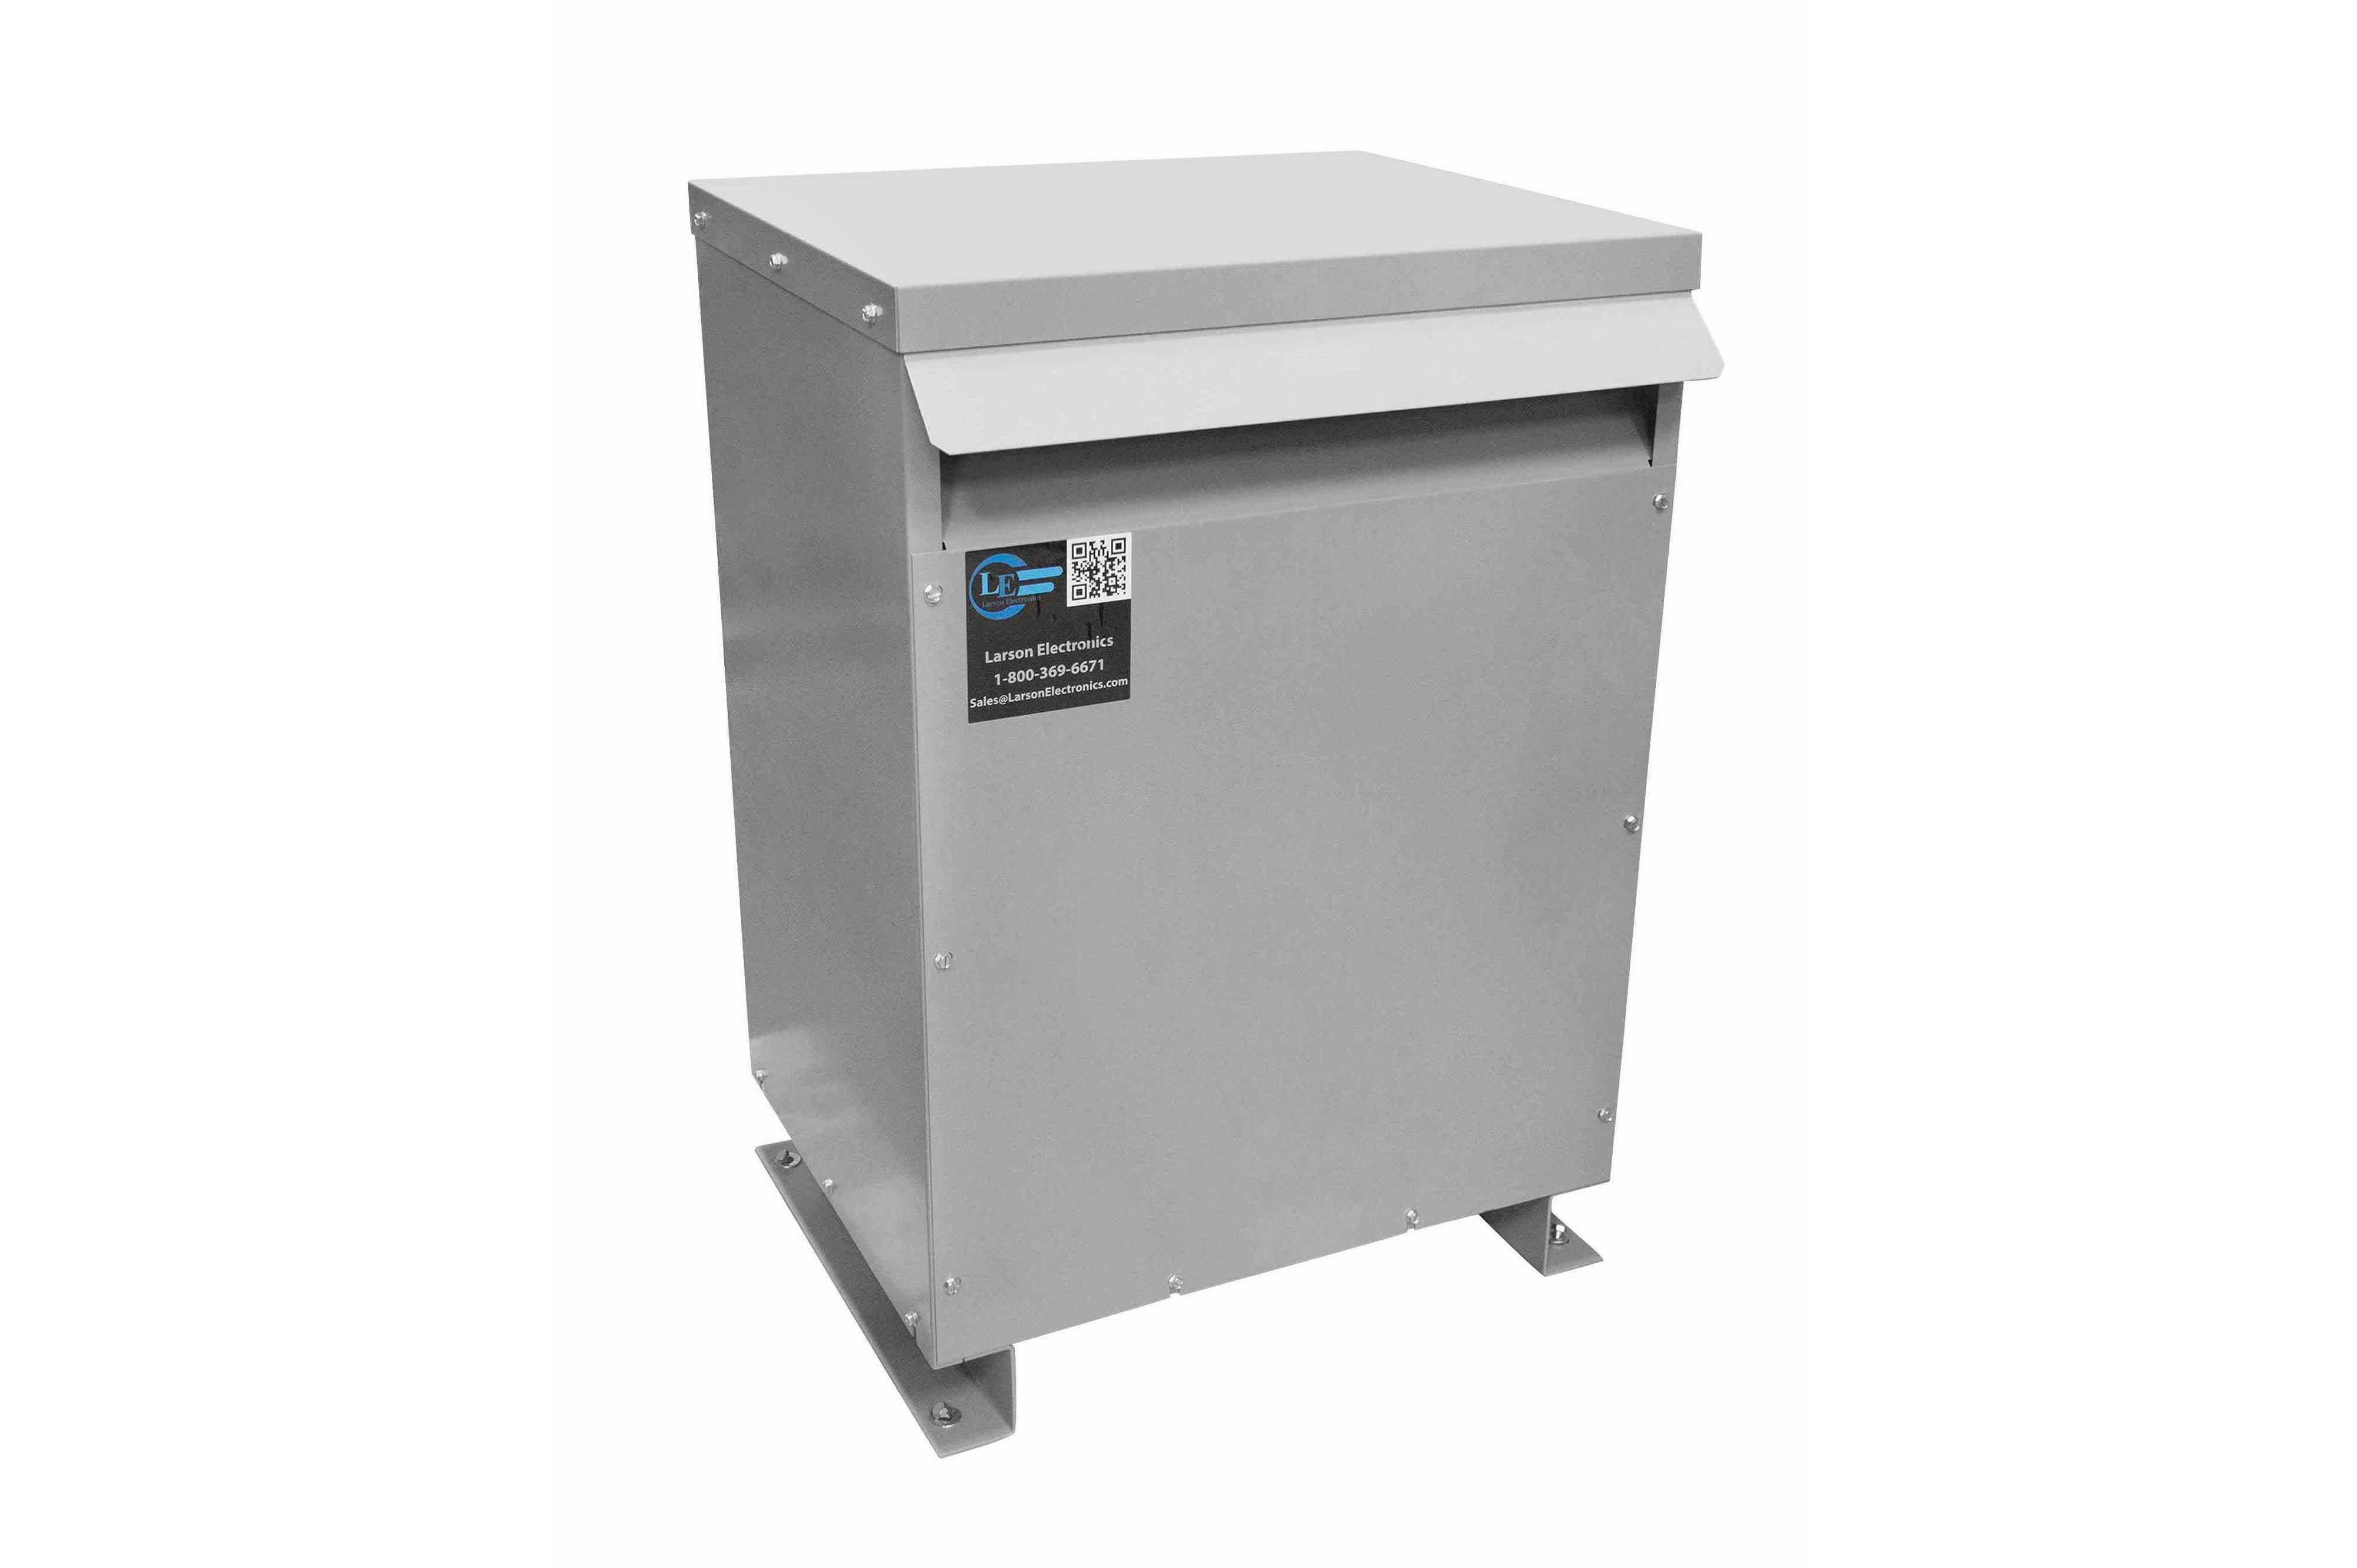 35 kVA 3PH Isolation Transformer, 240V Delta Primary, 600V Delta Secondary, N3R, Ventilated, 60 Hz